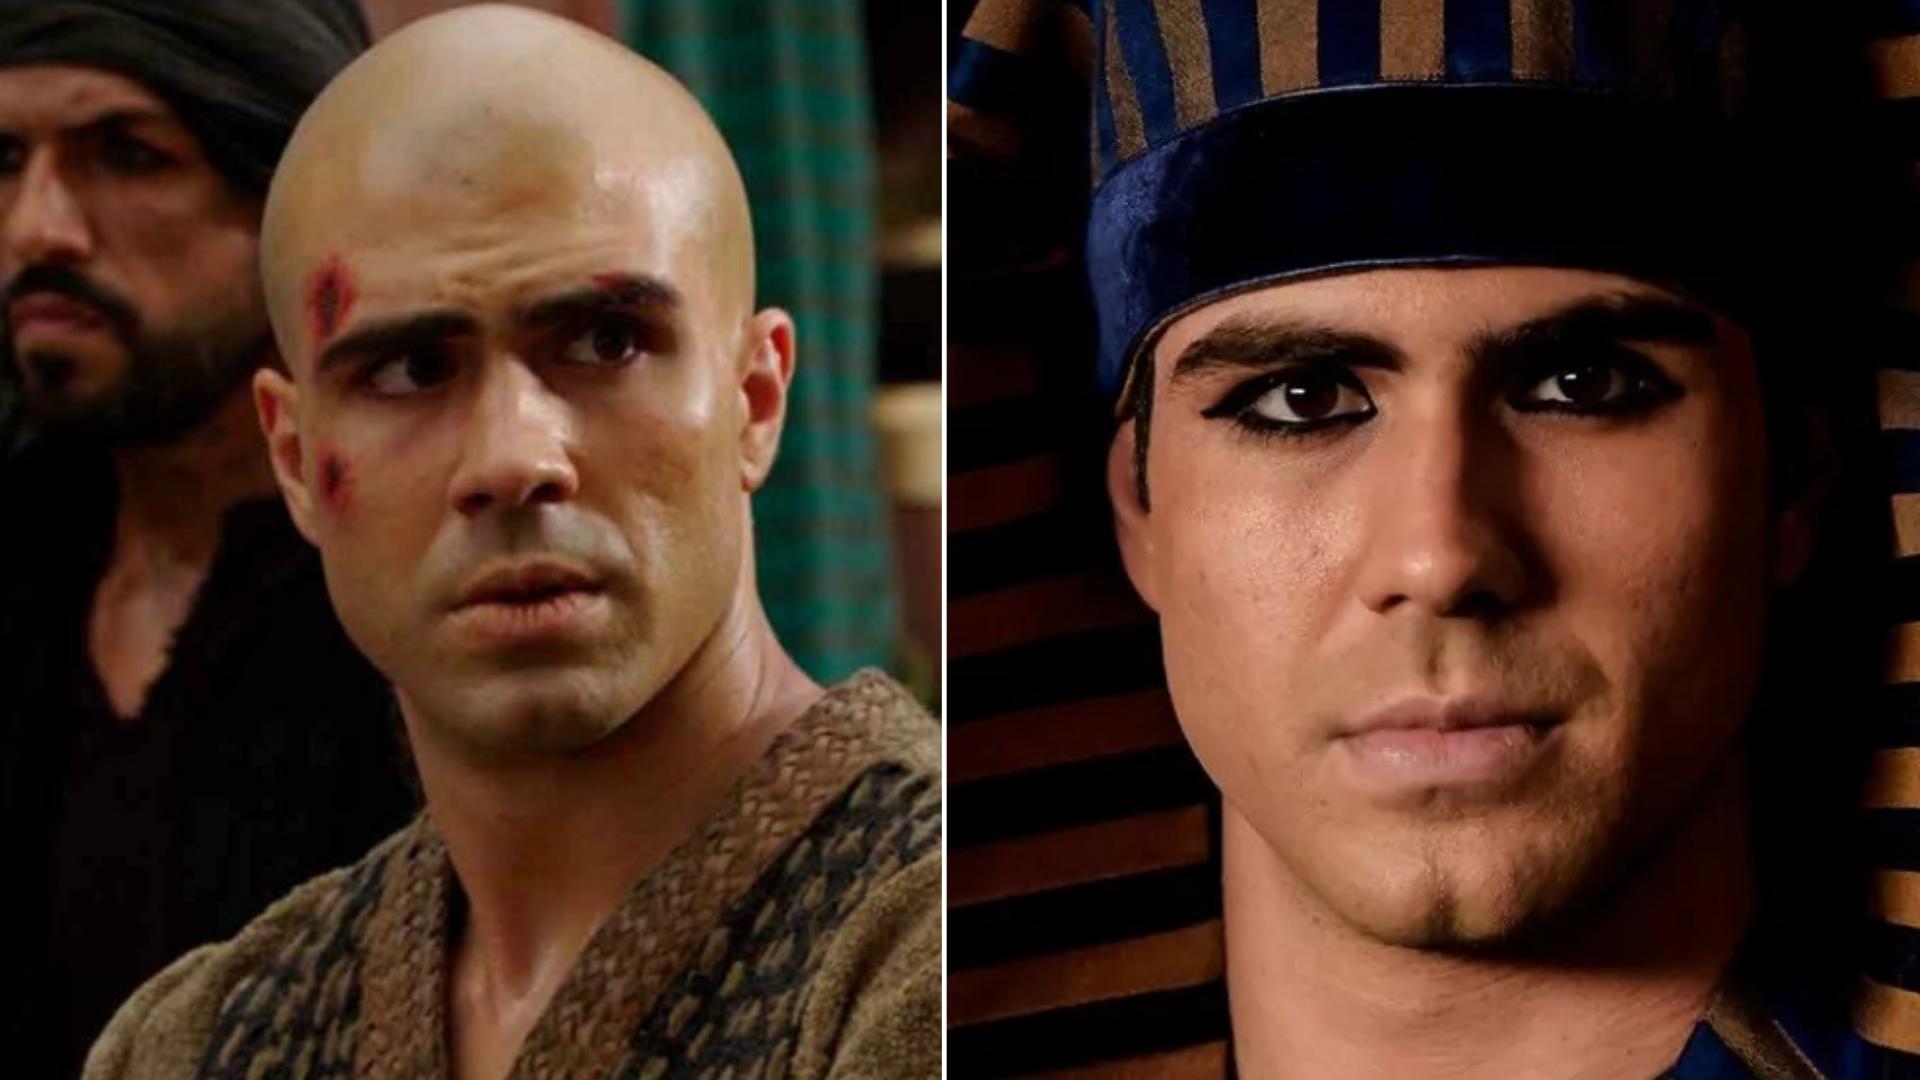 Novela Gênesis exibe José na prisão, onde começará seu protagonismo no Egito